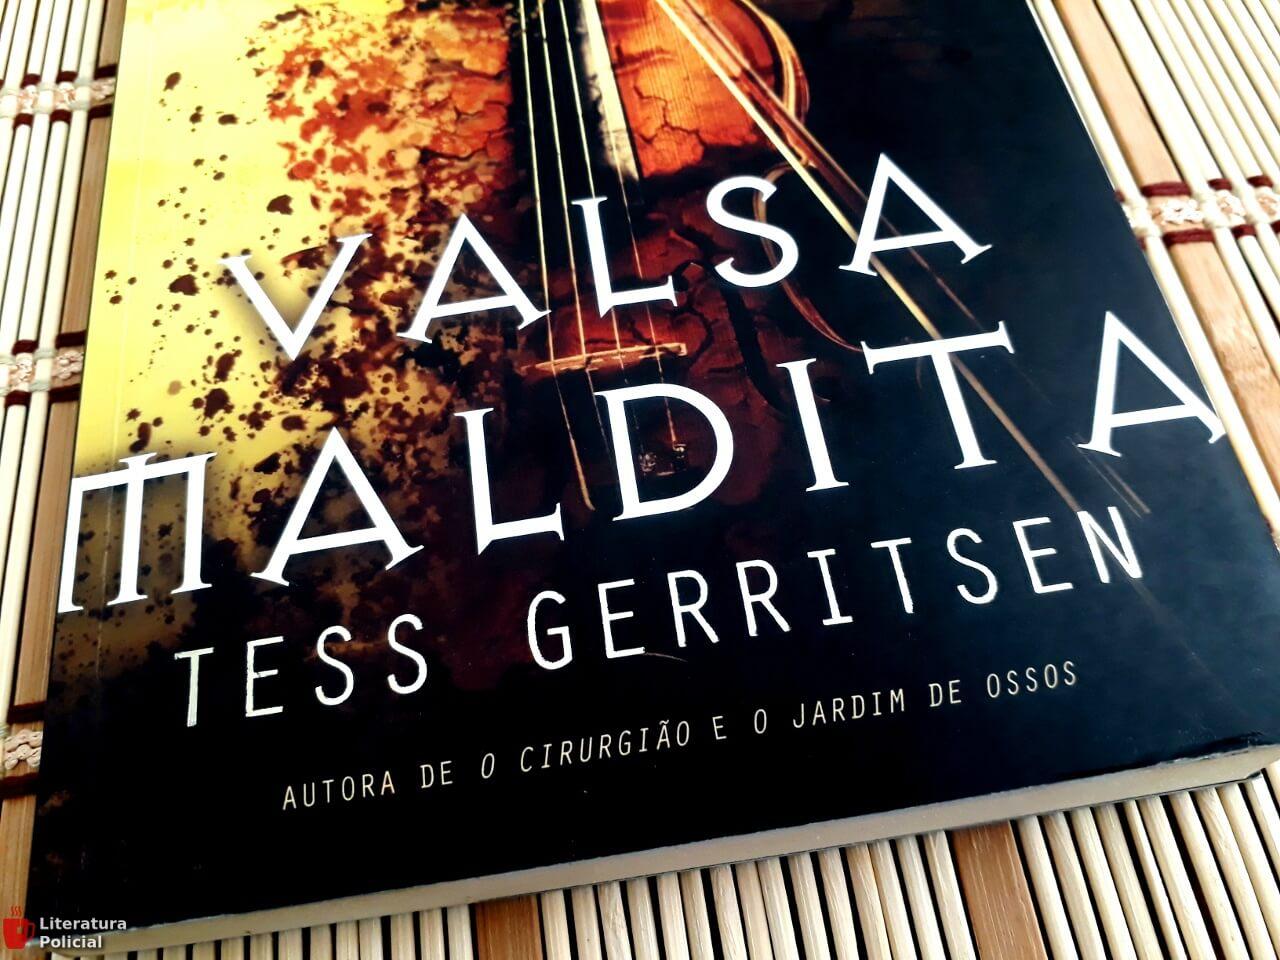 Valsa Maldita é um bom suspense de Tess Gerritsen